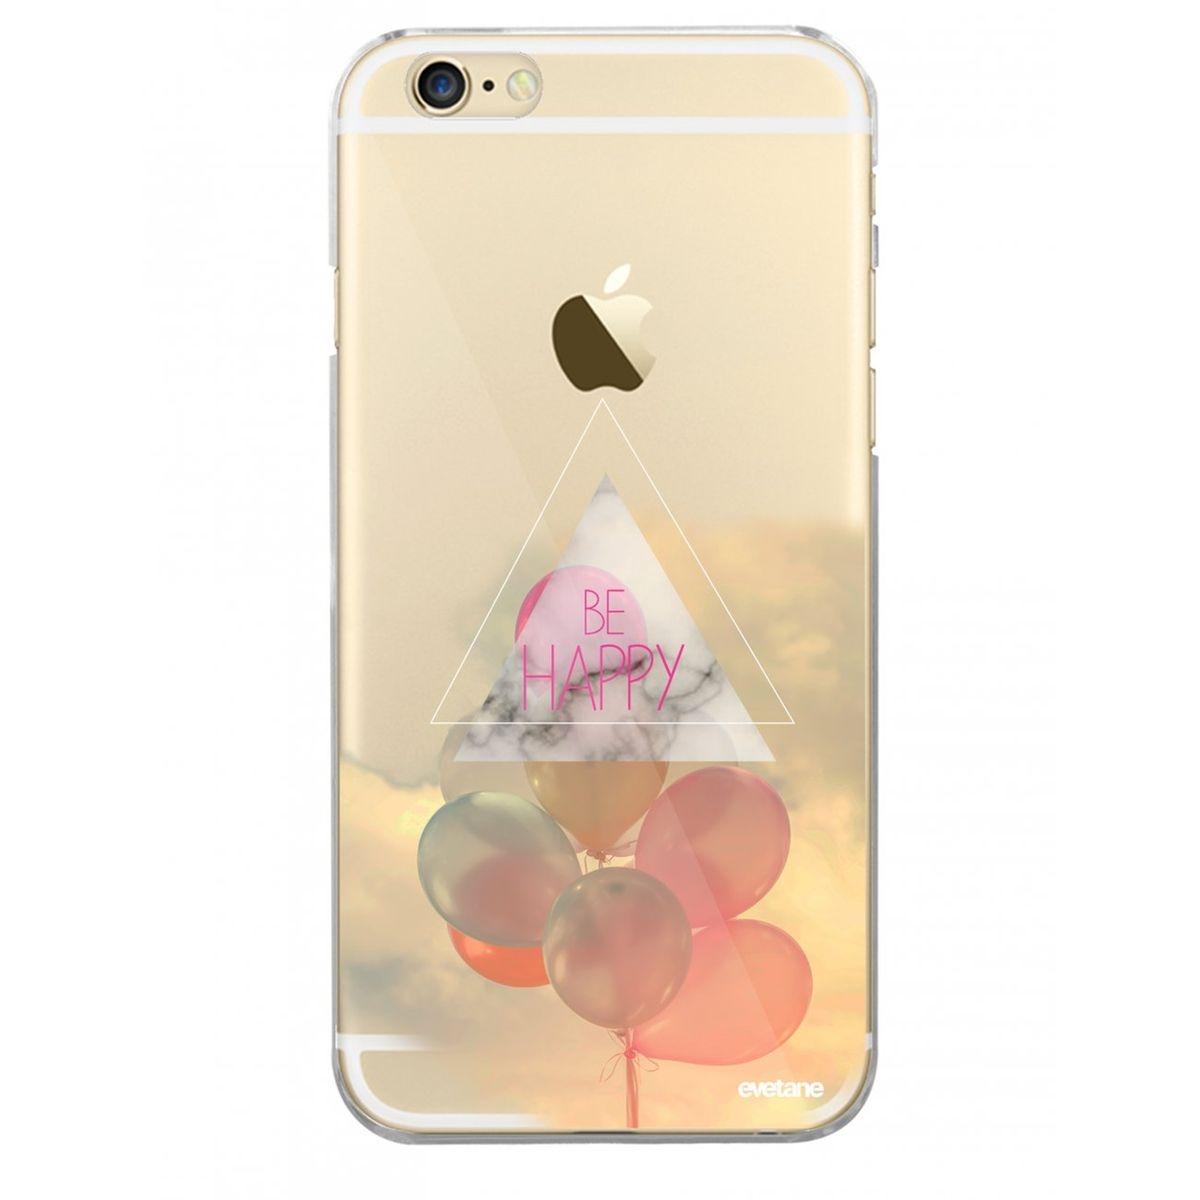 Coque iPhone 6 iPhone 6S rigide transparente, Be happy, Evetane®